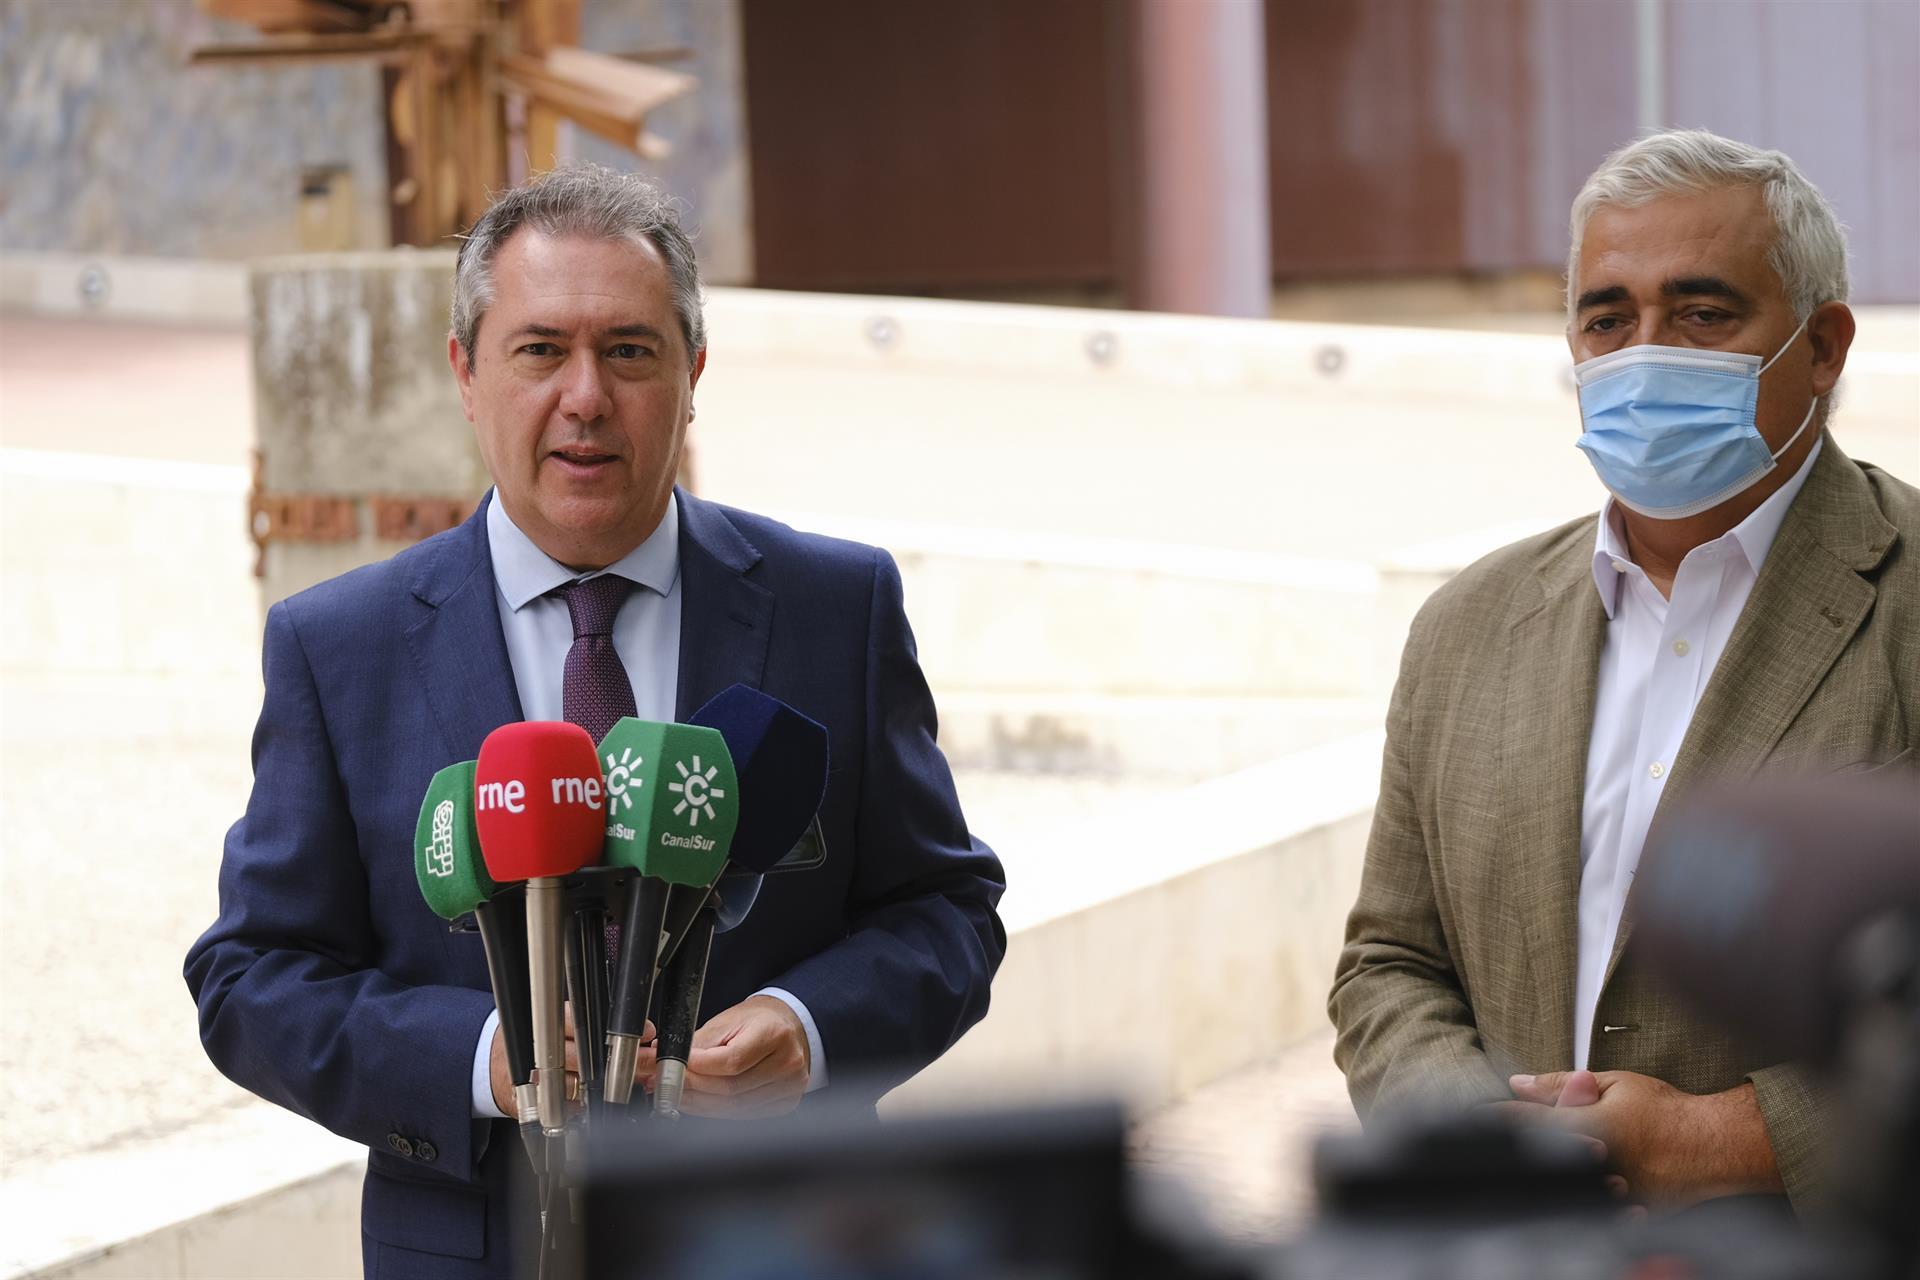 Espadas vería «renunciar» al Presupuesto 2022 como «una torpeza» y espera que se produzca su reunión con Moreno